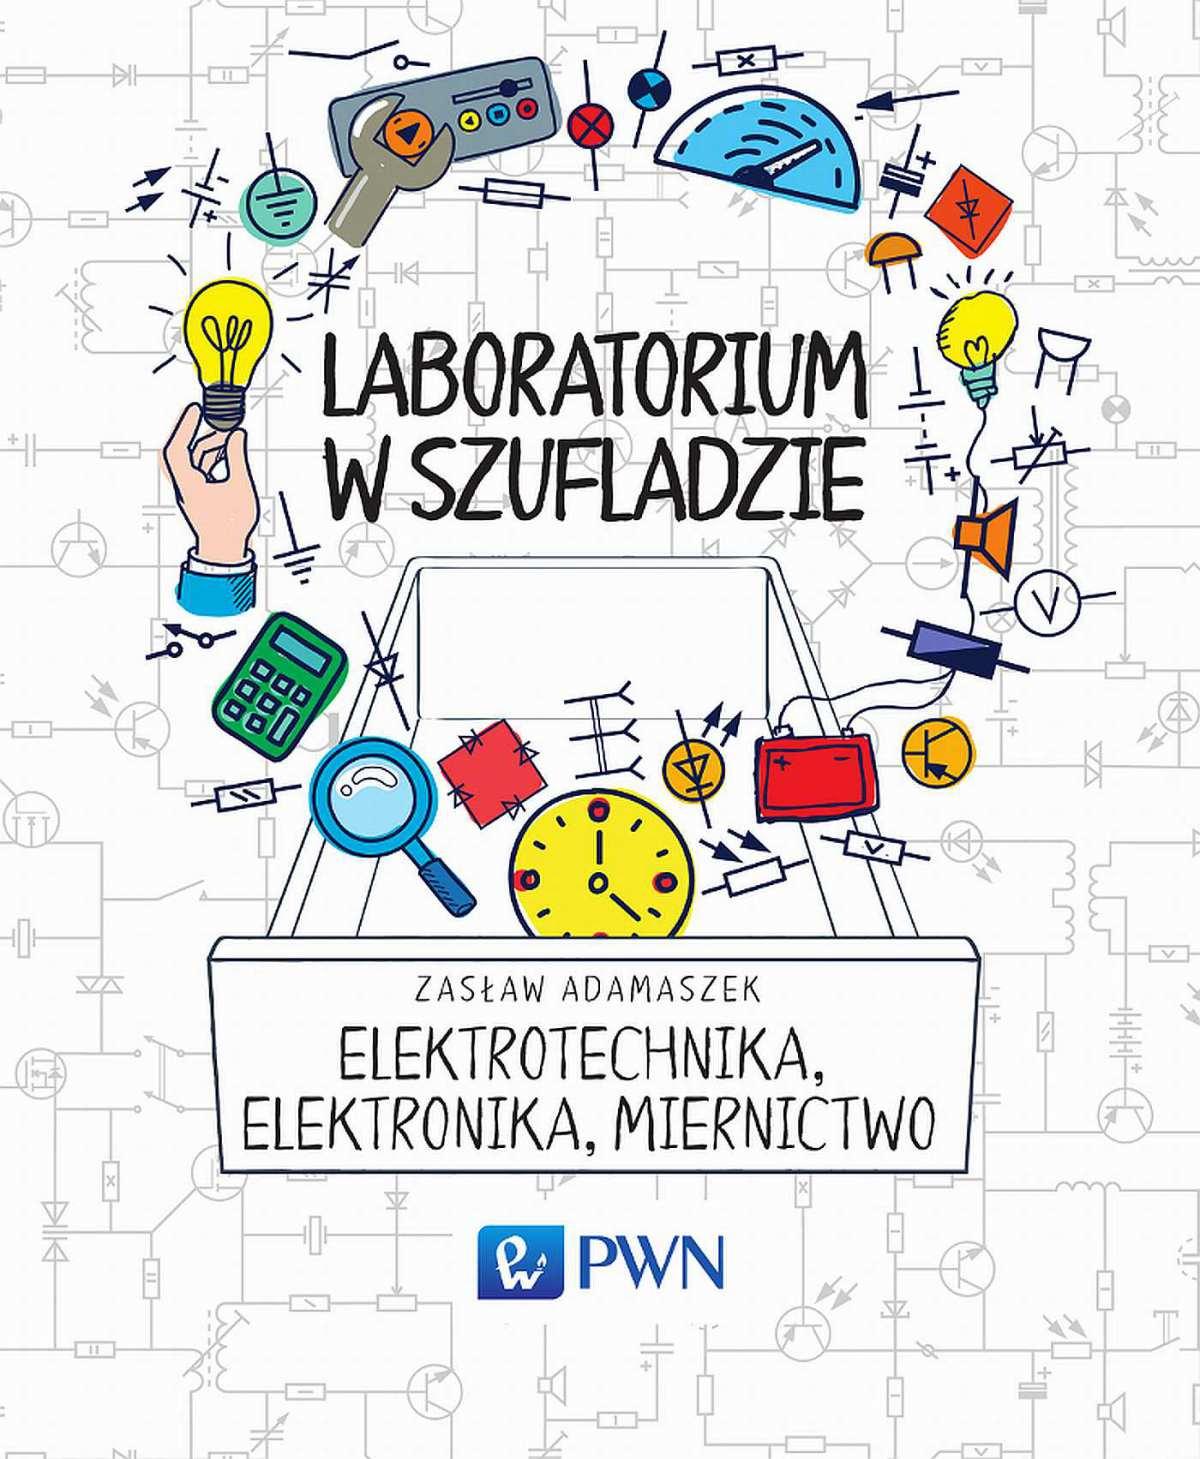 Laboratorium w szufladzie Elektrotechnika, elektronika, miernictwo - Ebook (Książka EPUB) do pobrania w formacie EPUB